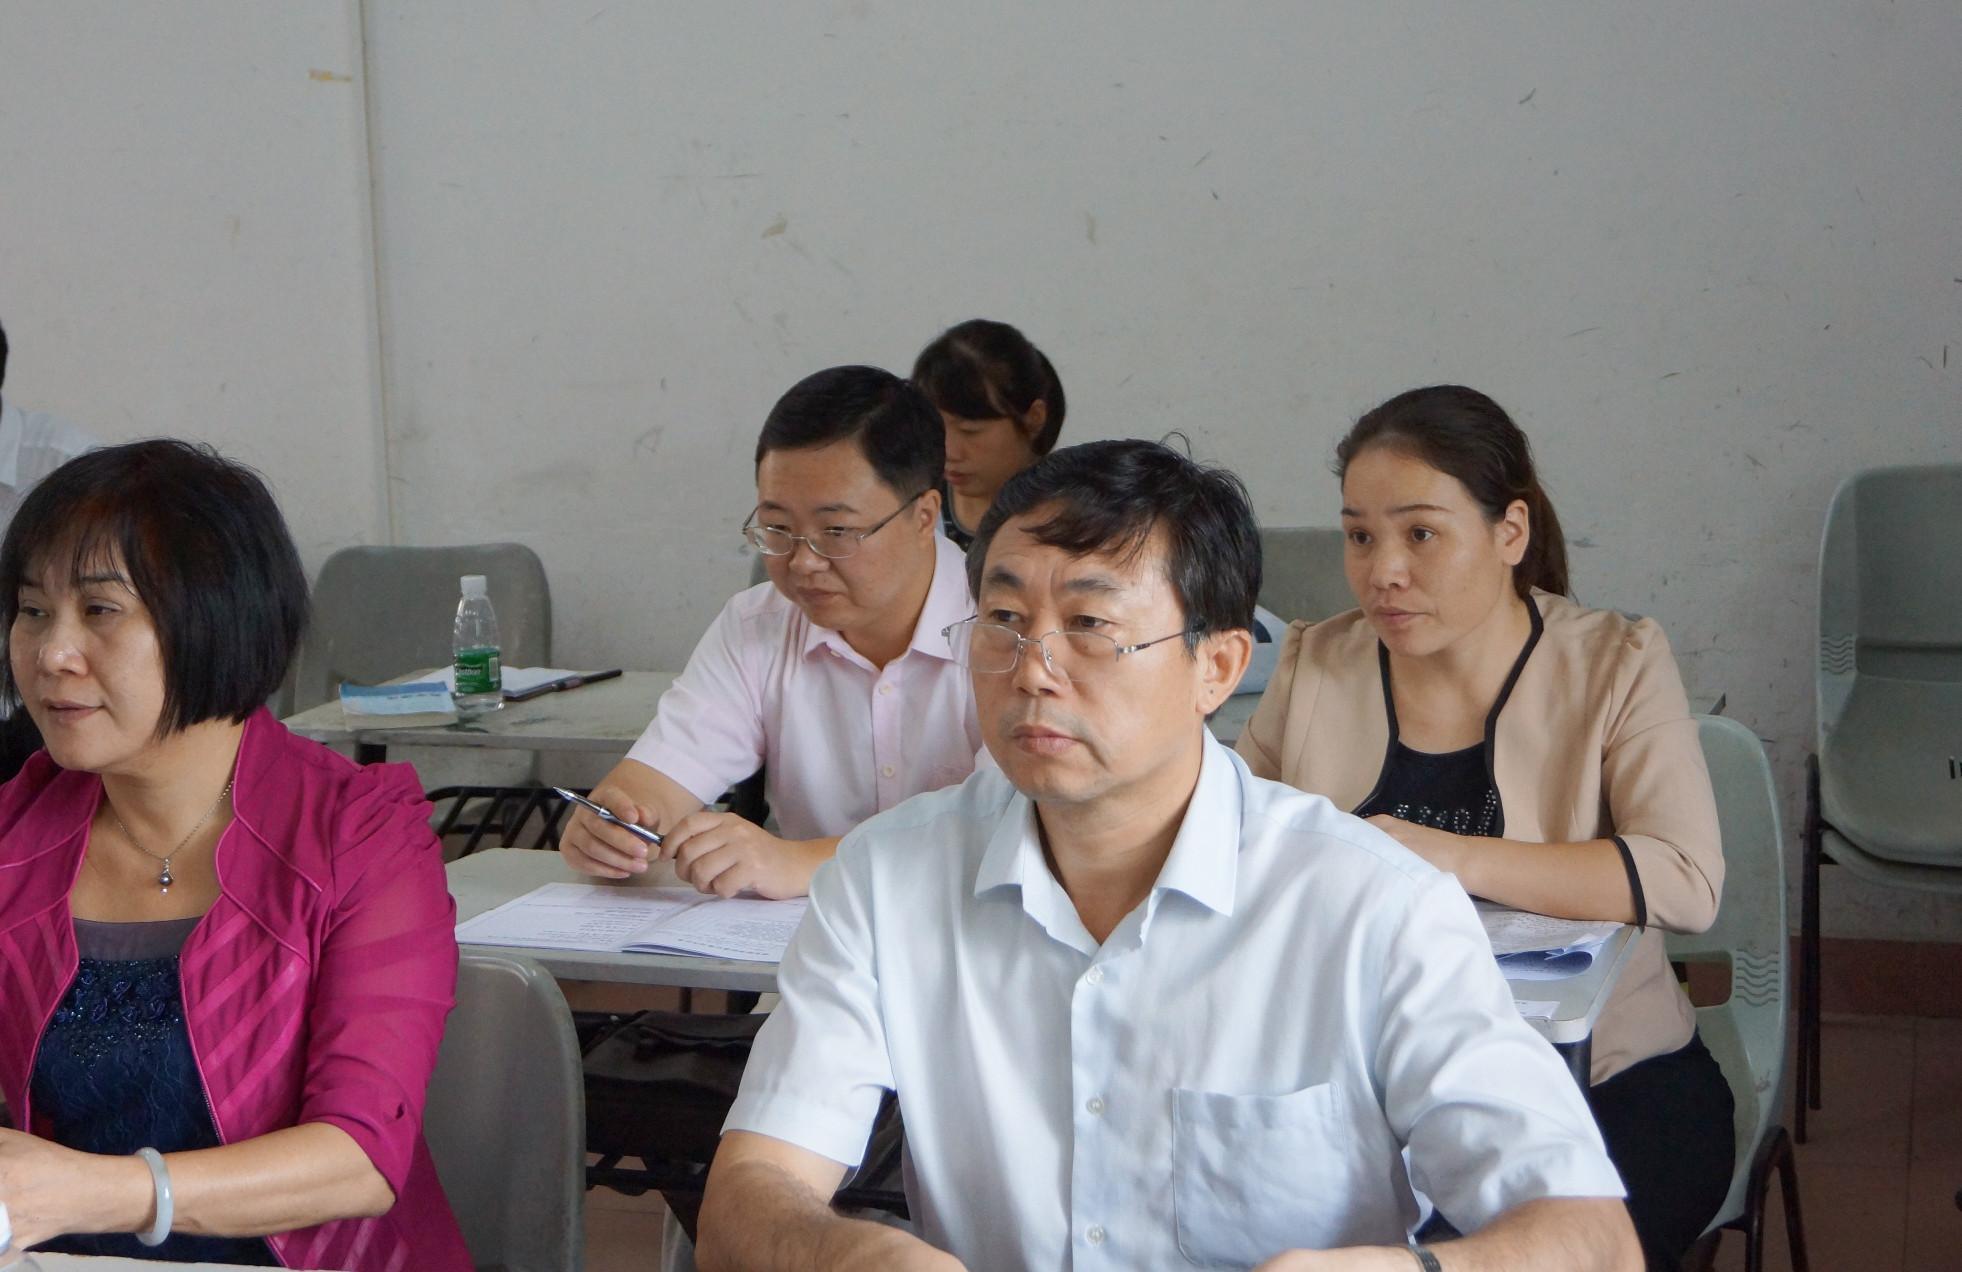 史海涛副校长深入课堂听课